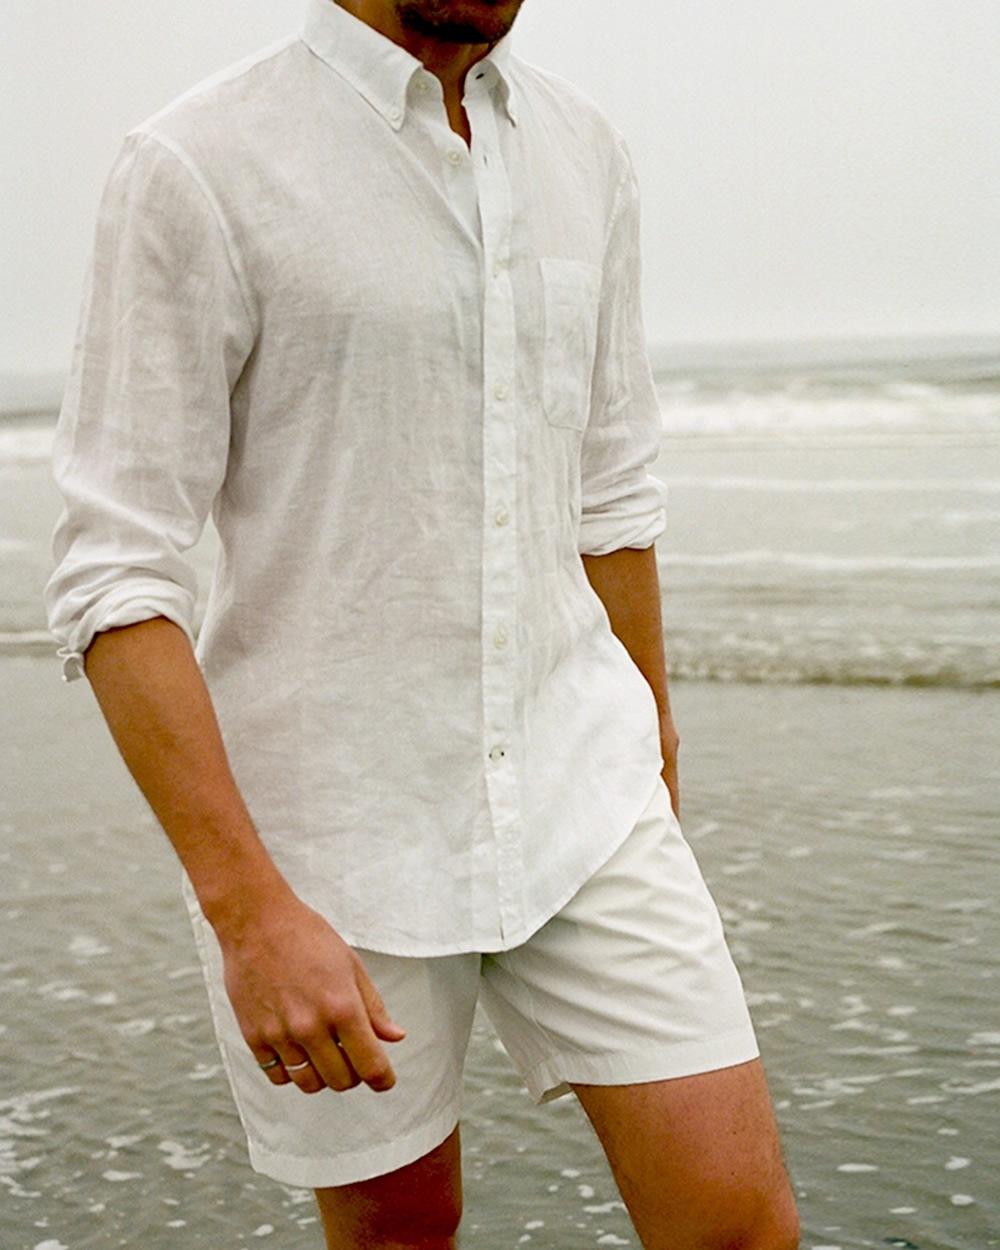 Vải lanh được ứng dụng rất nhiều trong thời trang mùa hè